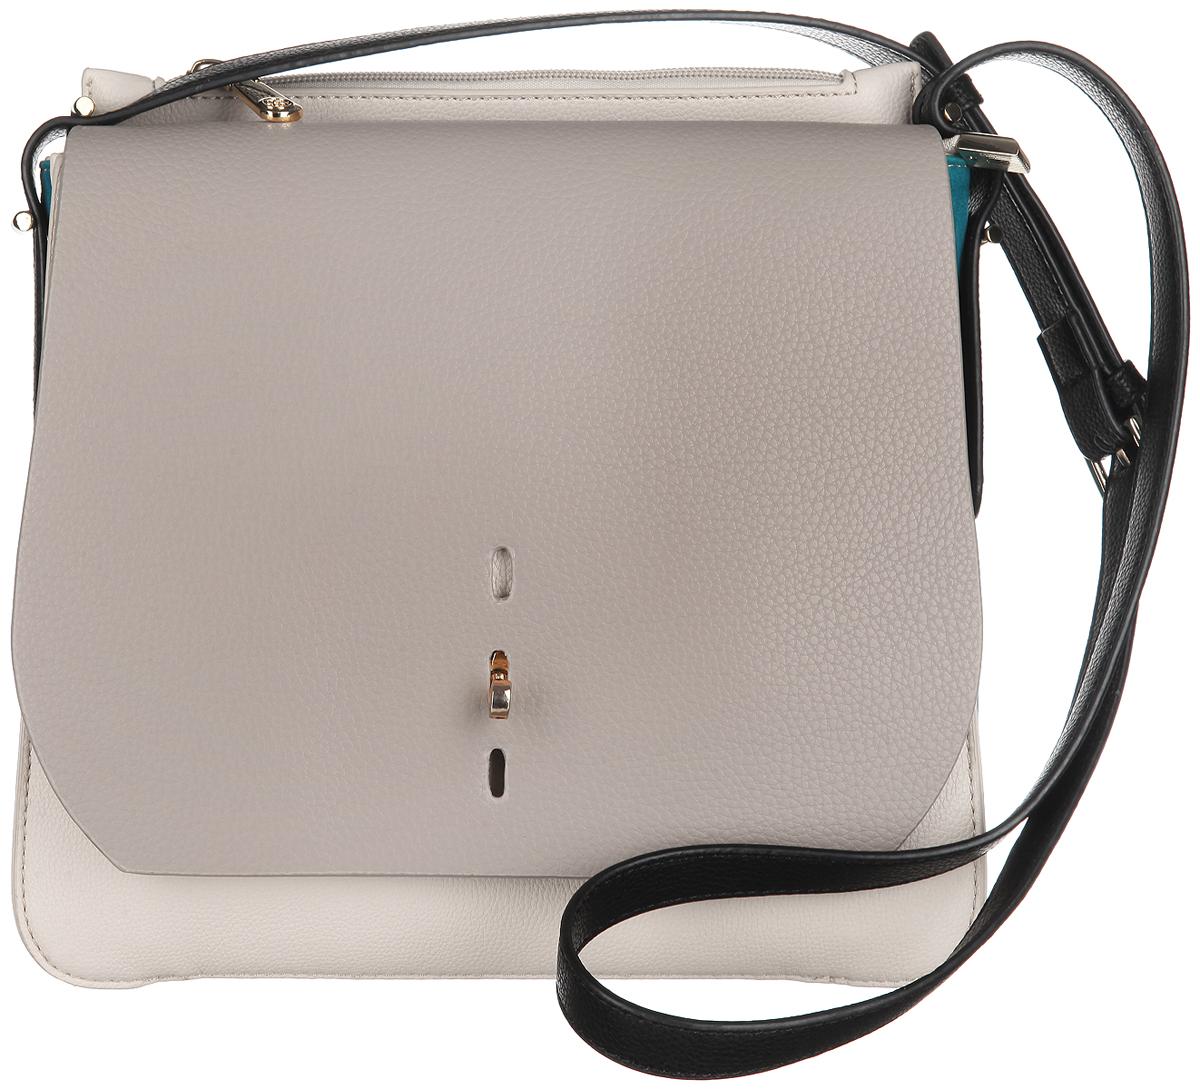 Сумка женская Calipso, цвет: серый, молочный. 432-151286-23123008Изысканная женская сумка Calipso выполнена из искусственной кожи с замшевыми вставками по бокам. Сумка закрывается на замок-молнию и дополнительно клапаном на замок-вертушку в трех уровнях. Внутри одно отделение. Вместительное внутреннее отделение содержит два накладных кармана для телефона и мелких принадлежностей и врезной карман на молнии. Внутри модель также содержит специальный ремешок с крепежом для ключей. Сверху расположен глубокий врезной карман на молнии. Между ним и основным отделением расположен глубокий внутренний карман для бумаг и других мелочей. Сумка оснащена оригинальным, съемным плечевым ремнем регулируемой длины, который позволит носить изделие как в руках так и на плече. Модель выполнена в оригинальном дизайне, декорирована металлической фурнитурой золотистого цвета.Практичная и стильная сумка прекрасно завершит ваш образ.